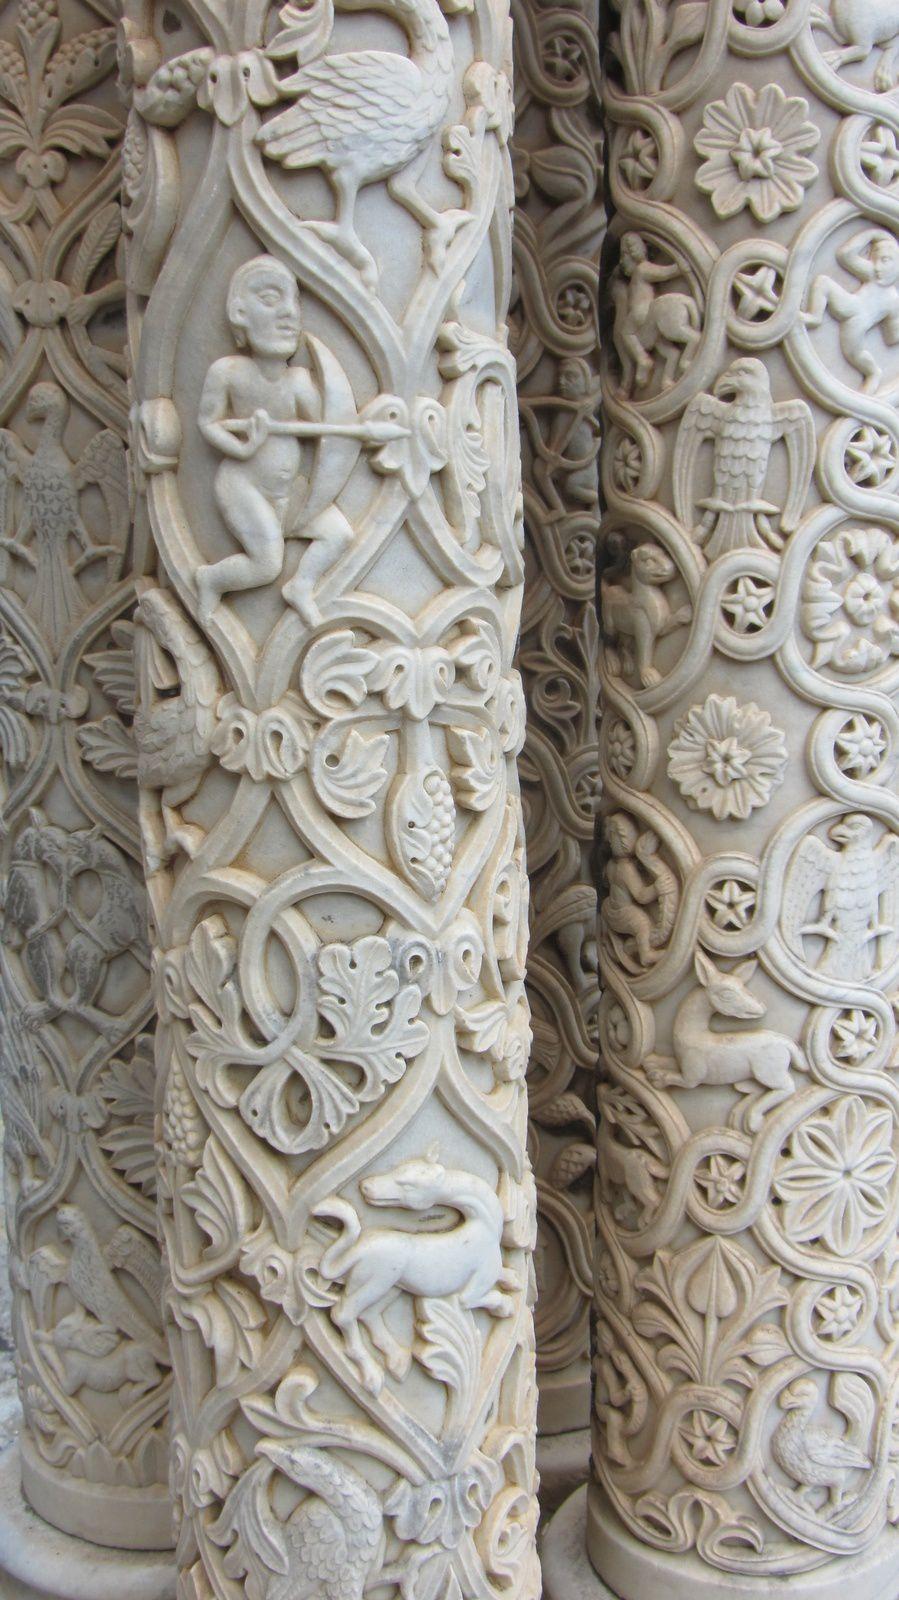 La Cathédrale de Montreale : nous admirons notamment les mosaïques avec Marie Connan